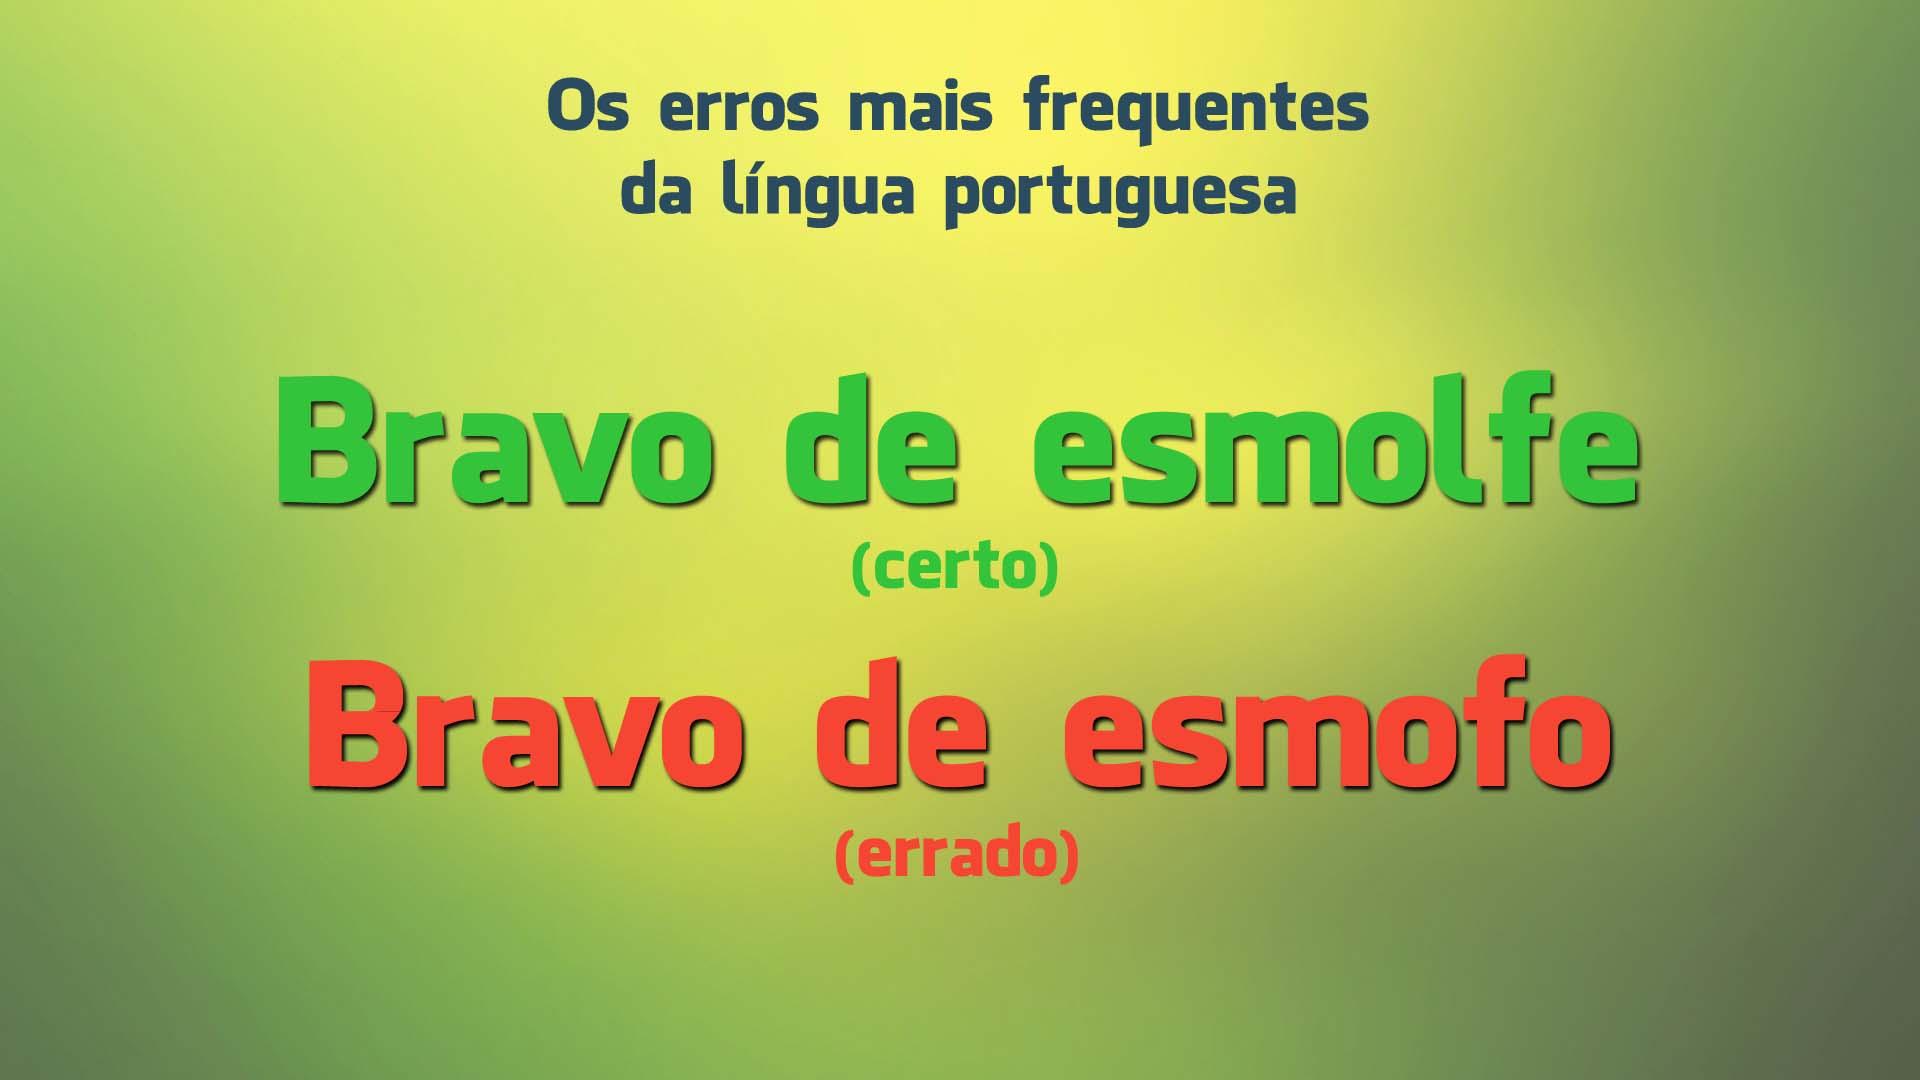 Os erros mais frequentes da língua portuguesa